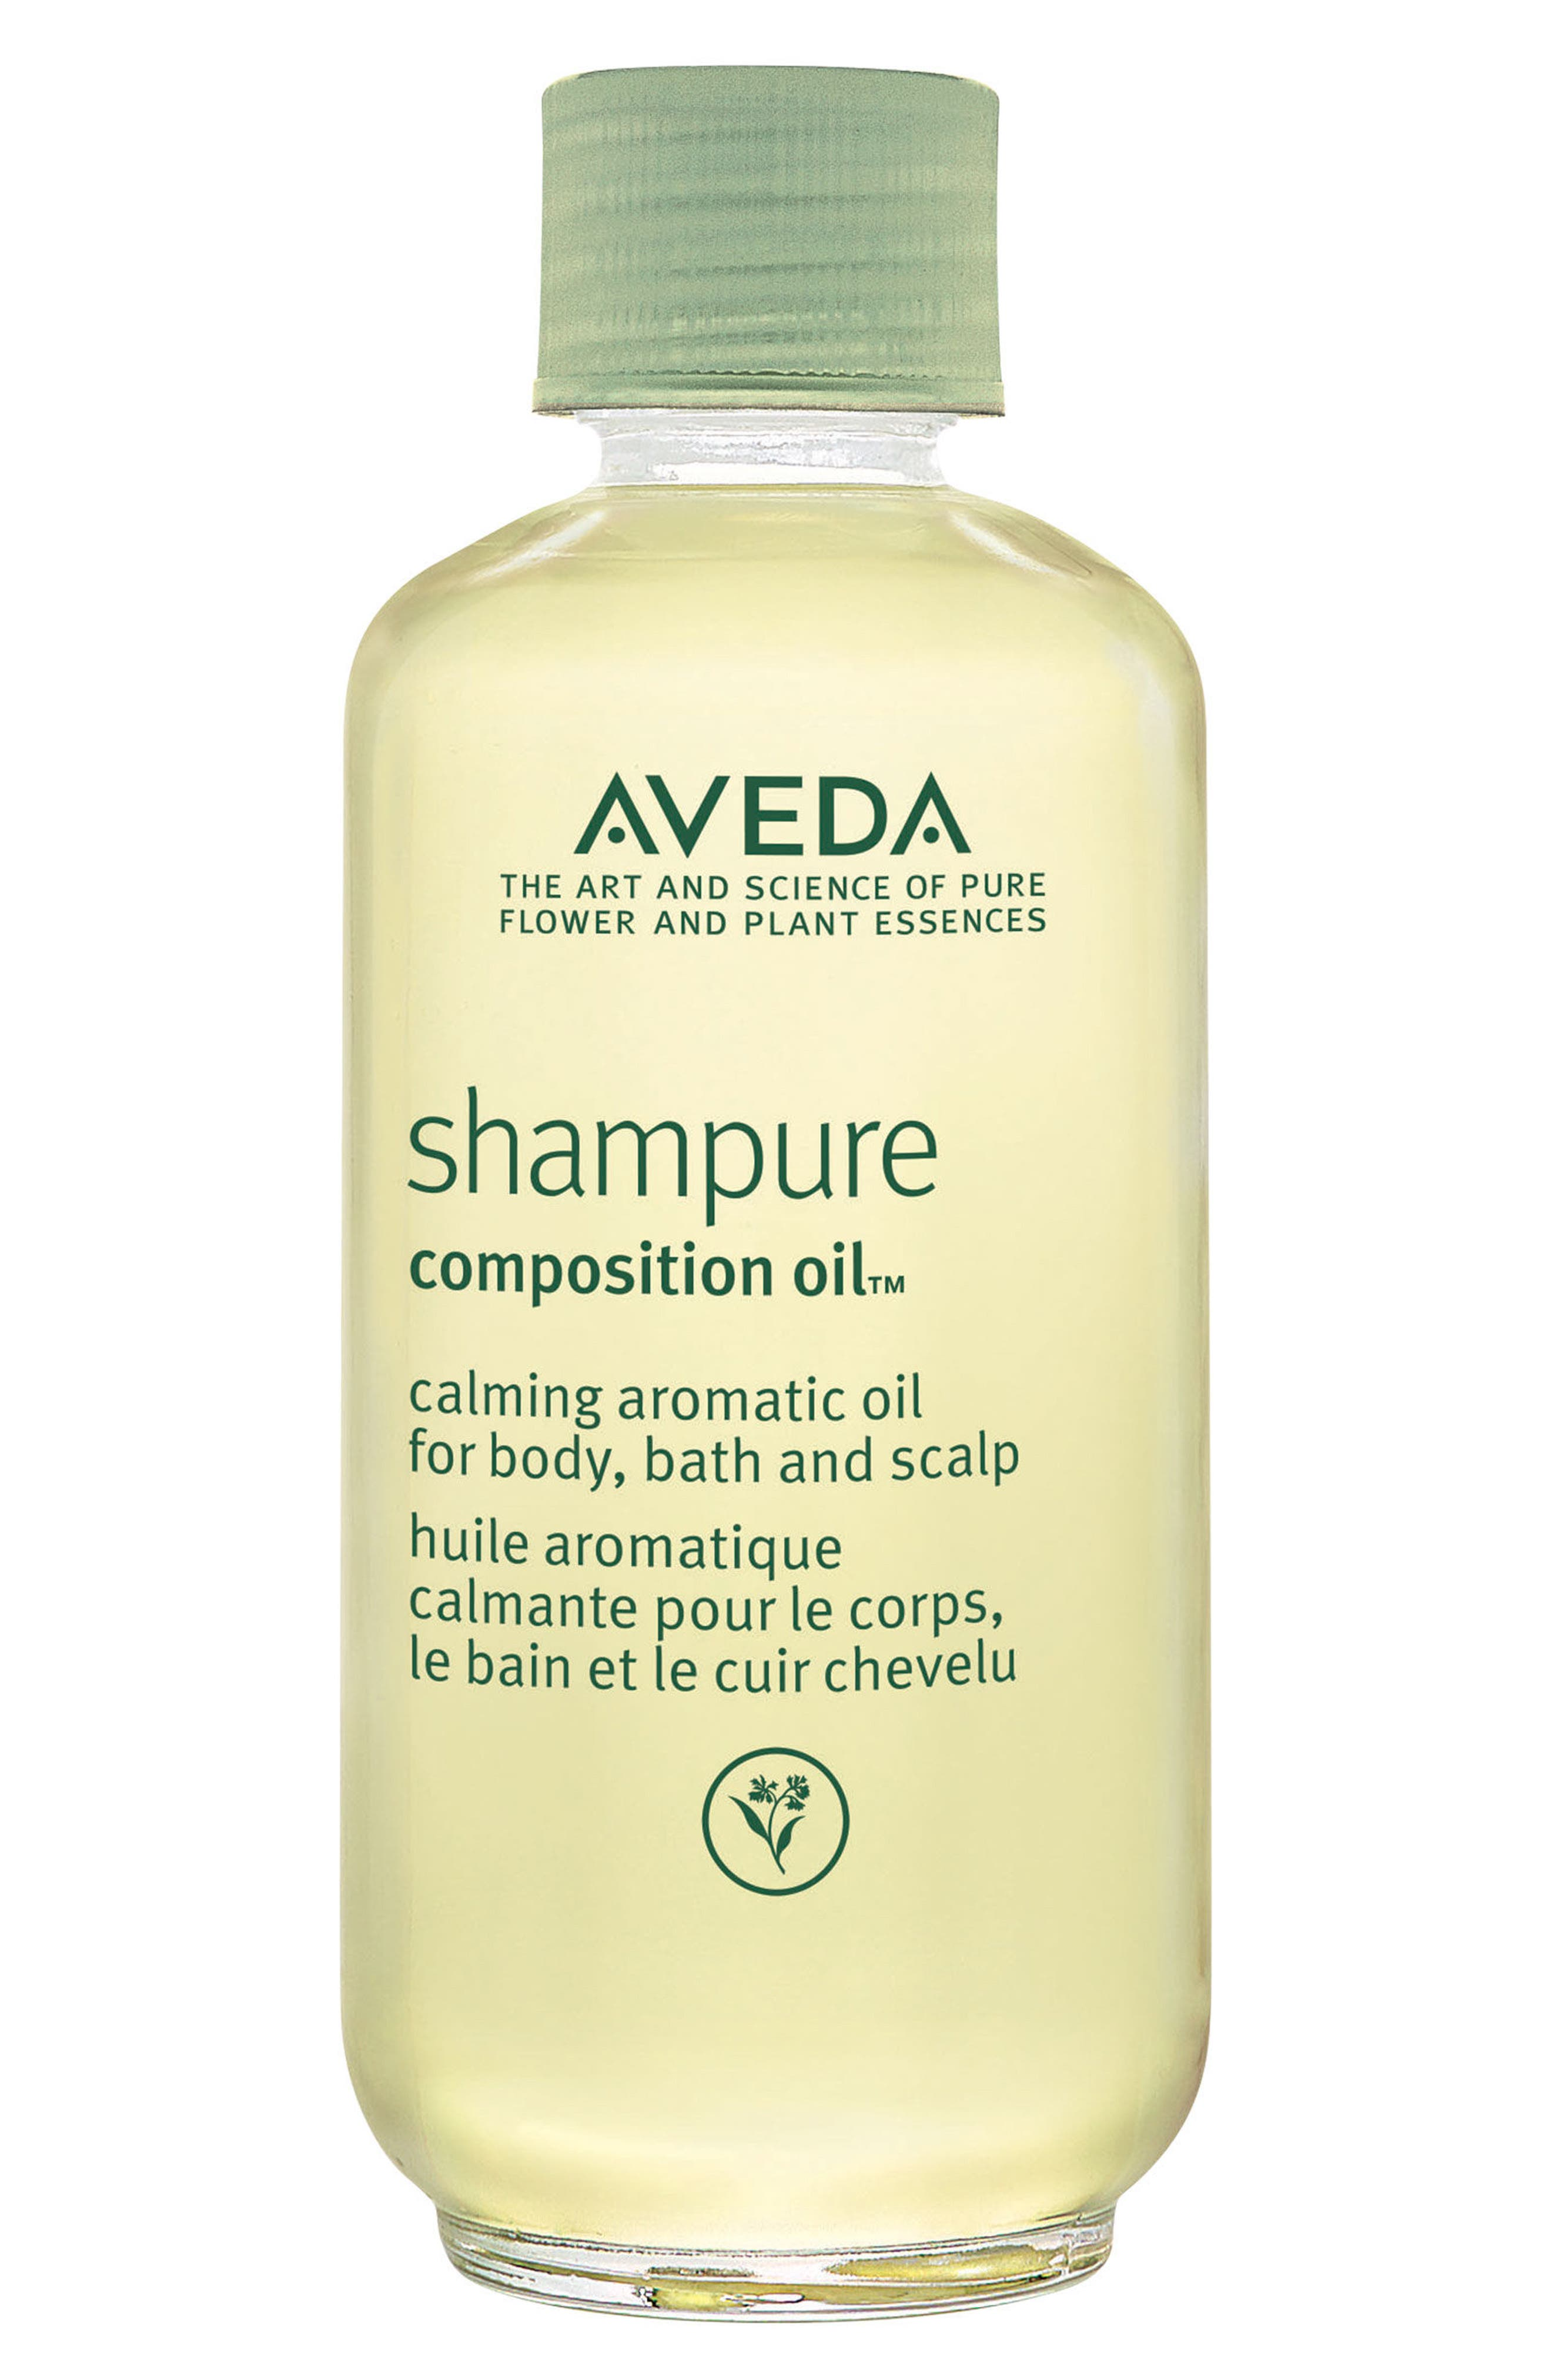 Aveda shampure™ Composition Oil